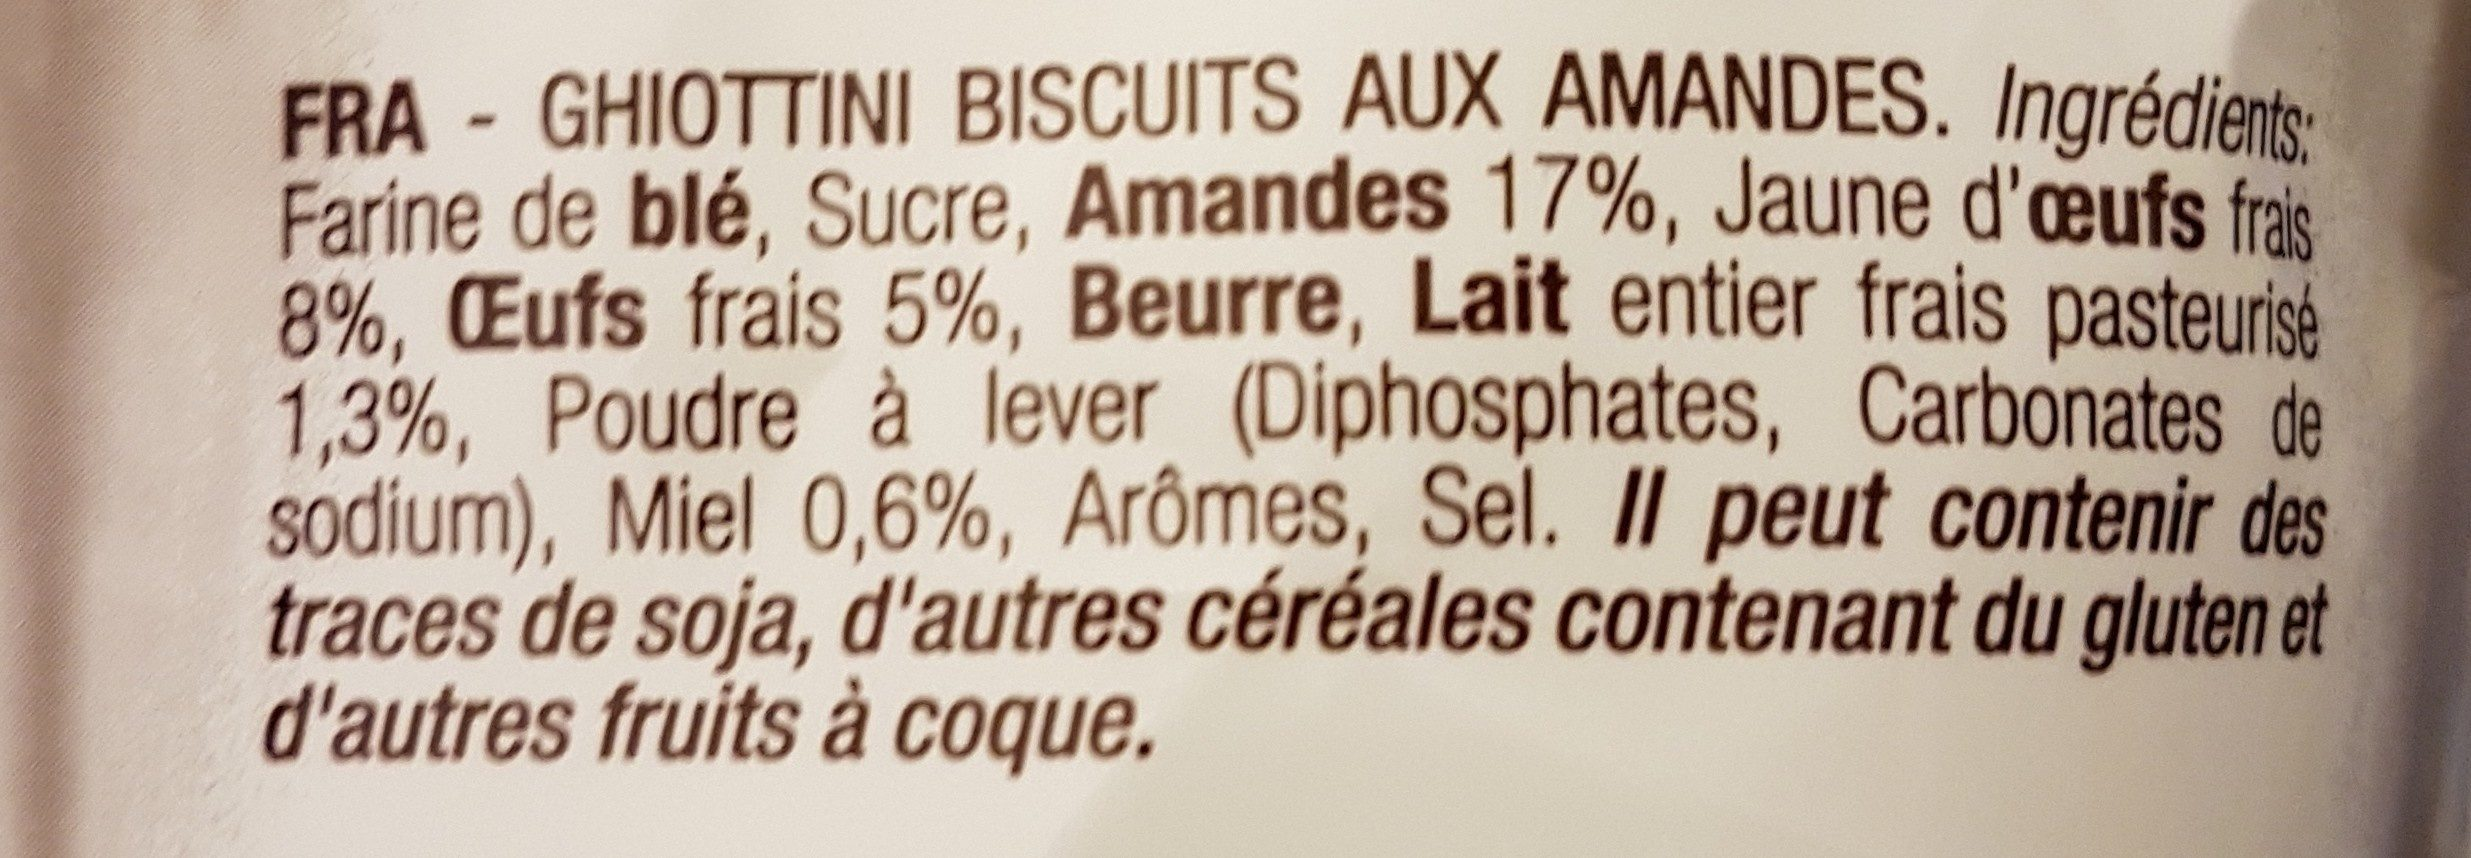 Ghiottini - Ingrediënten - fr